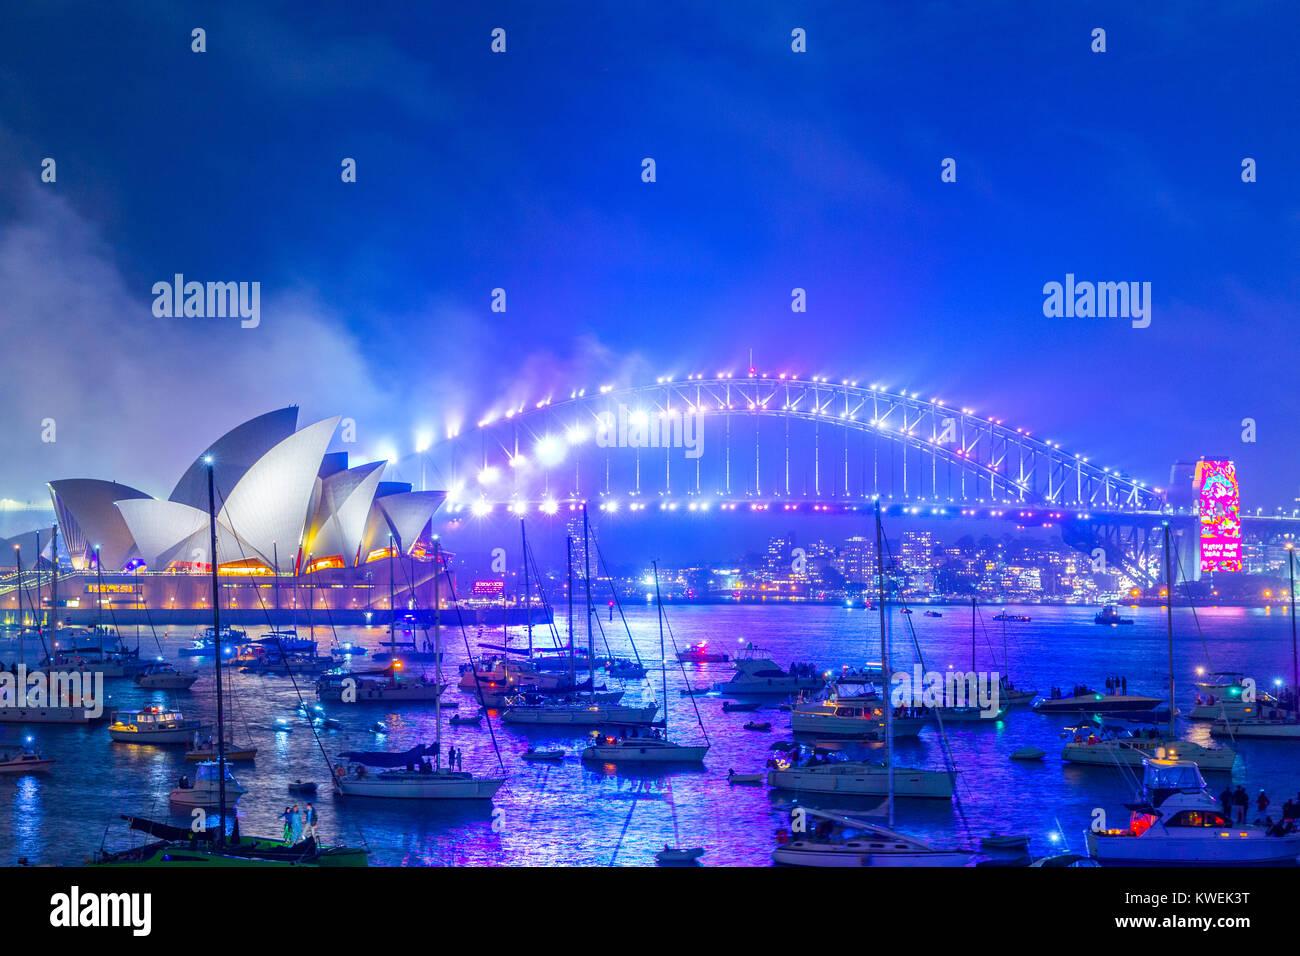 Australia celebra la llegada de 2018, víspera de Año Nuevo con fuegos artificiales en la bahía de Imagen De Stock